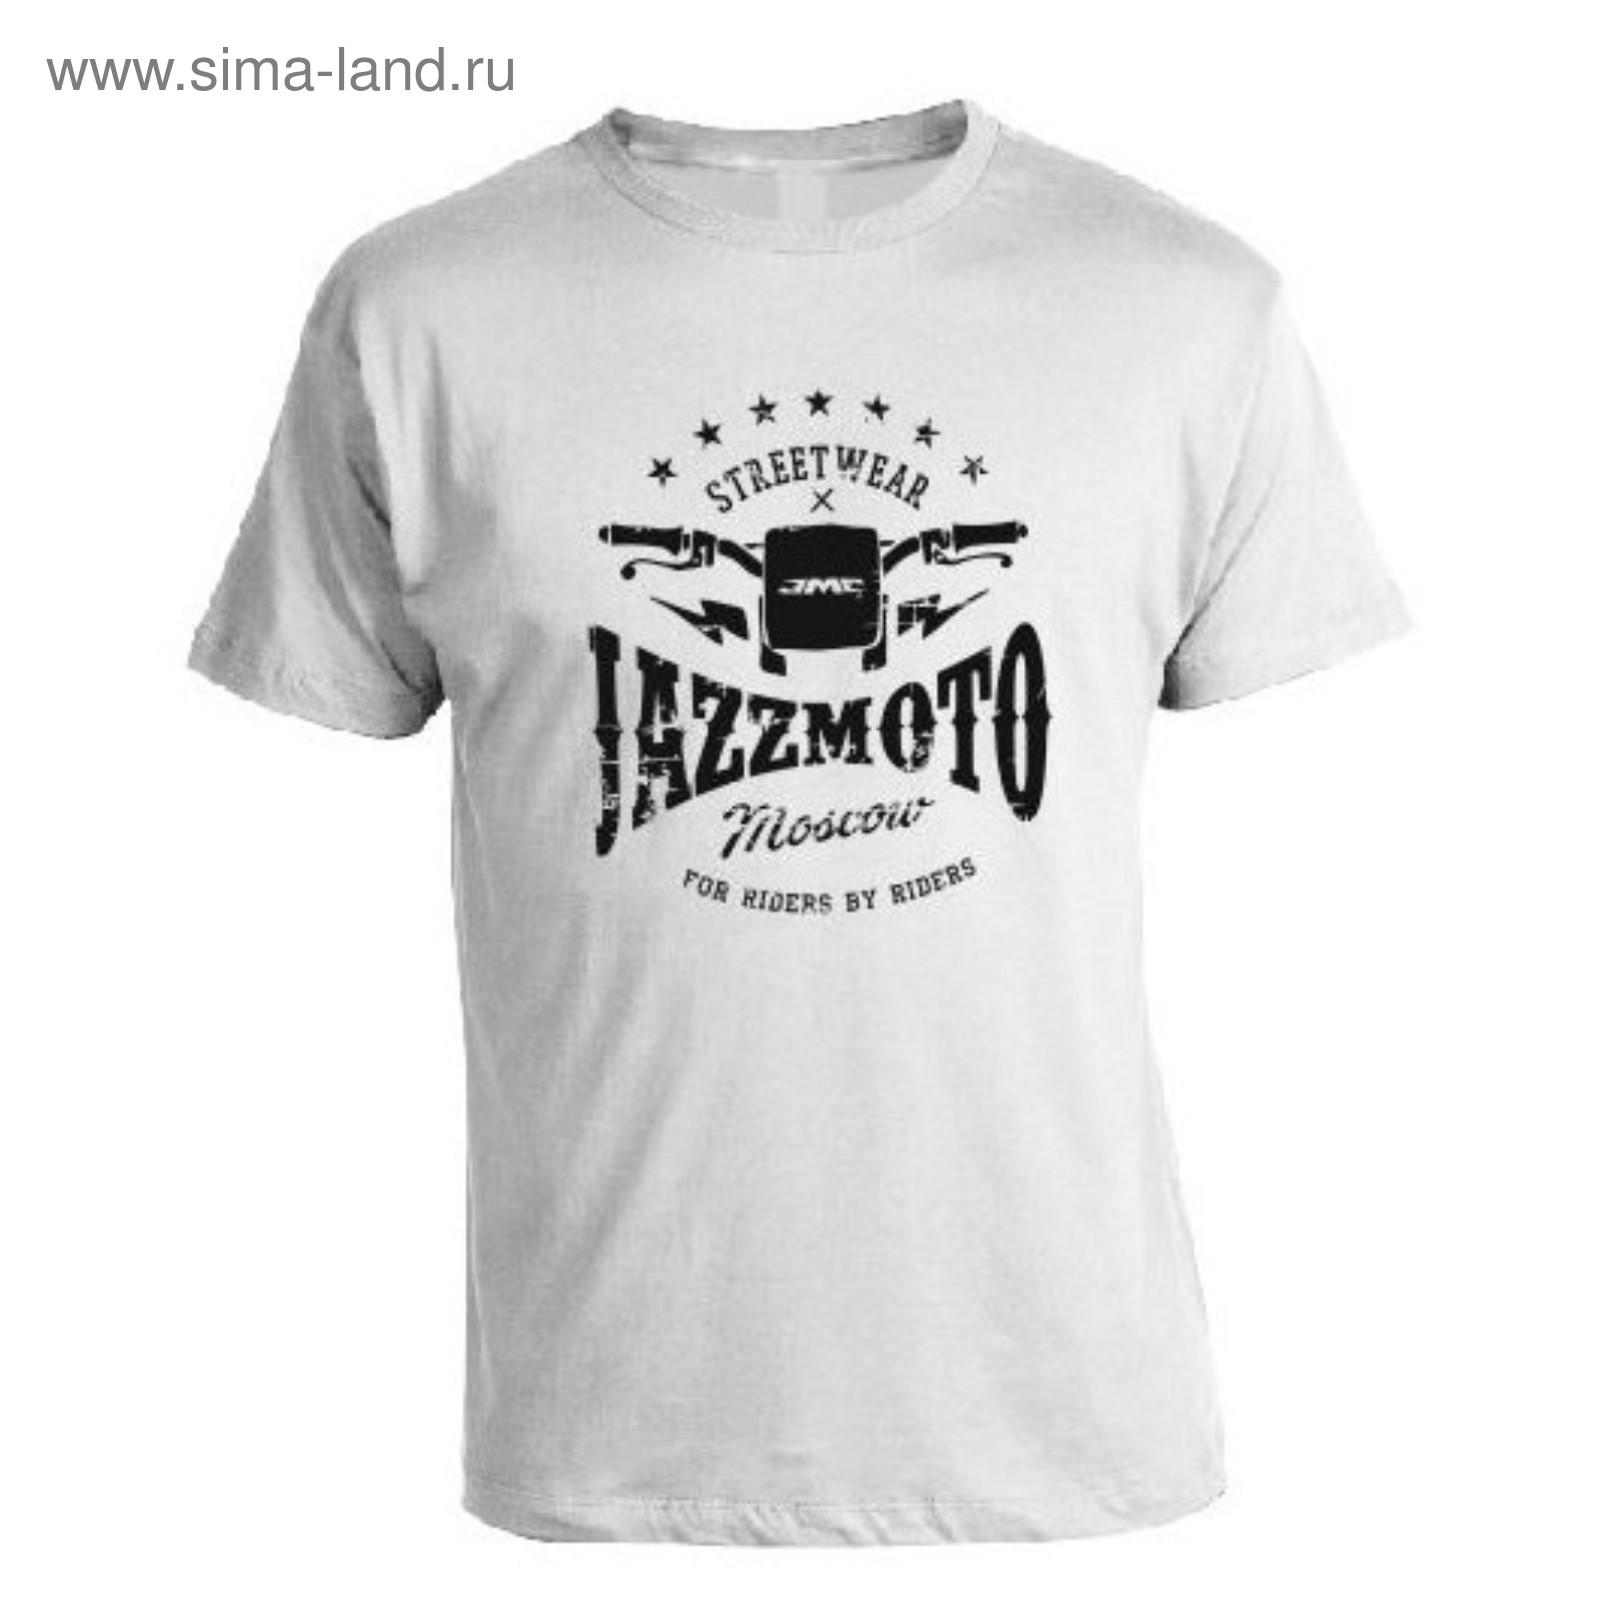 26348c9924fa Футболка JMC Streetwear, размер XL, белая (3646976) - Купить по цене ...